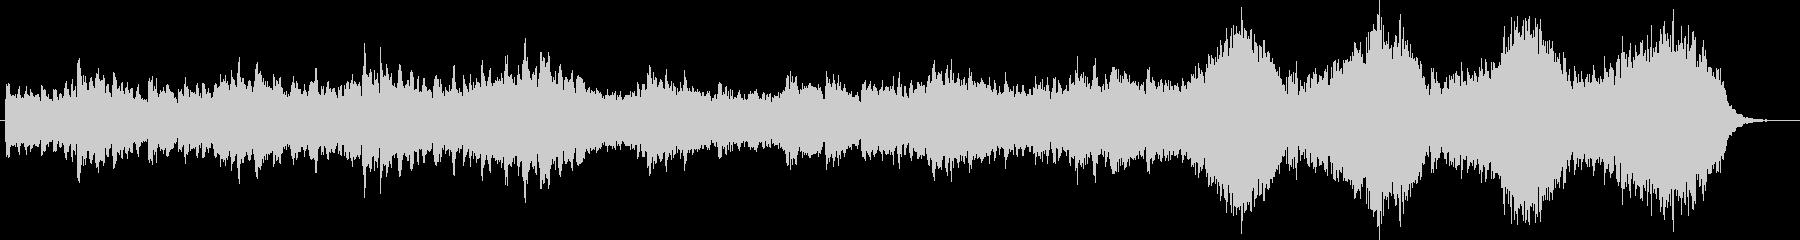 ティーン エレクトロ 交響曲 アク...の未再生の波形